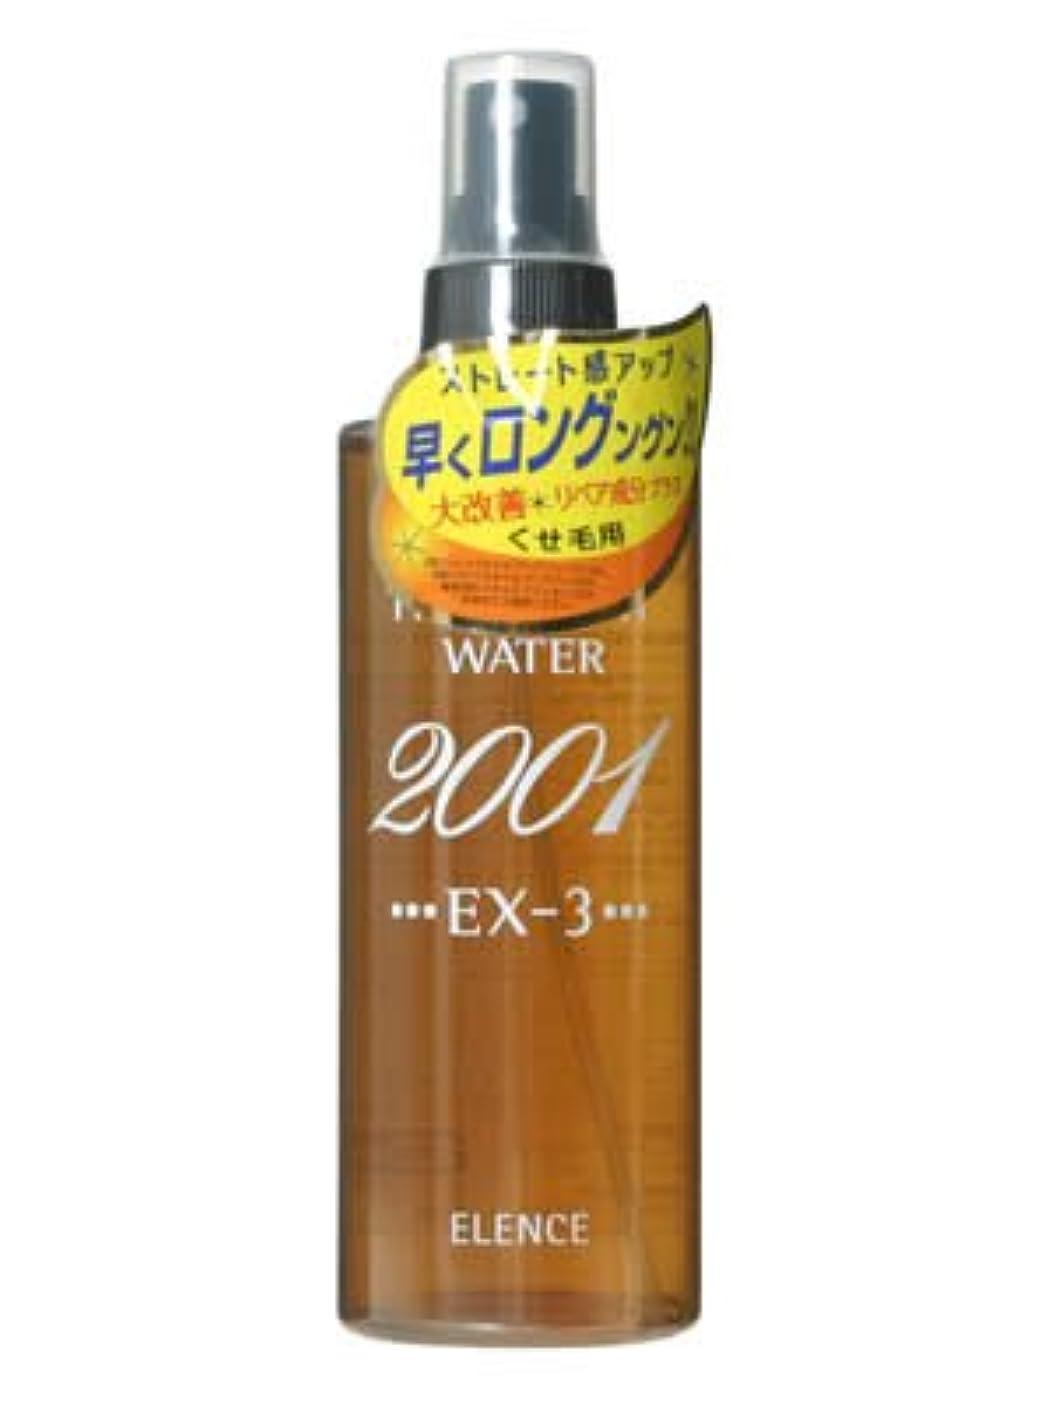 感謝ジョージバーナード喜ぶエレンス2001 スキャルプトリートメントウォーターEX-3(くせ毛用)